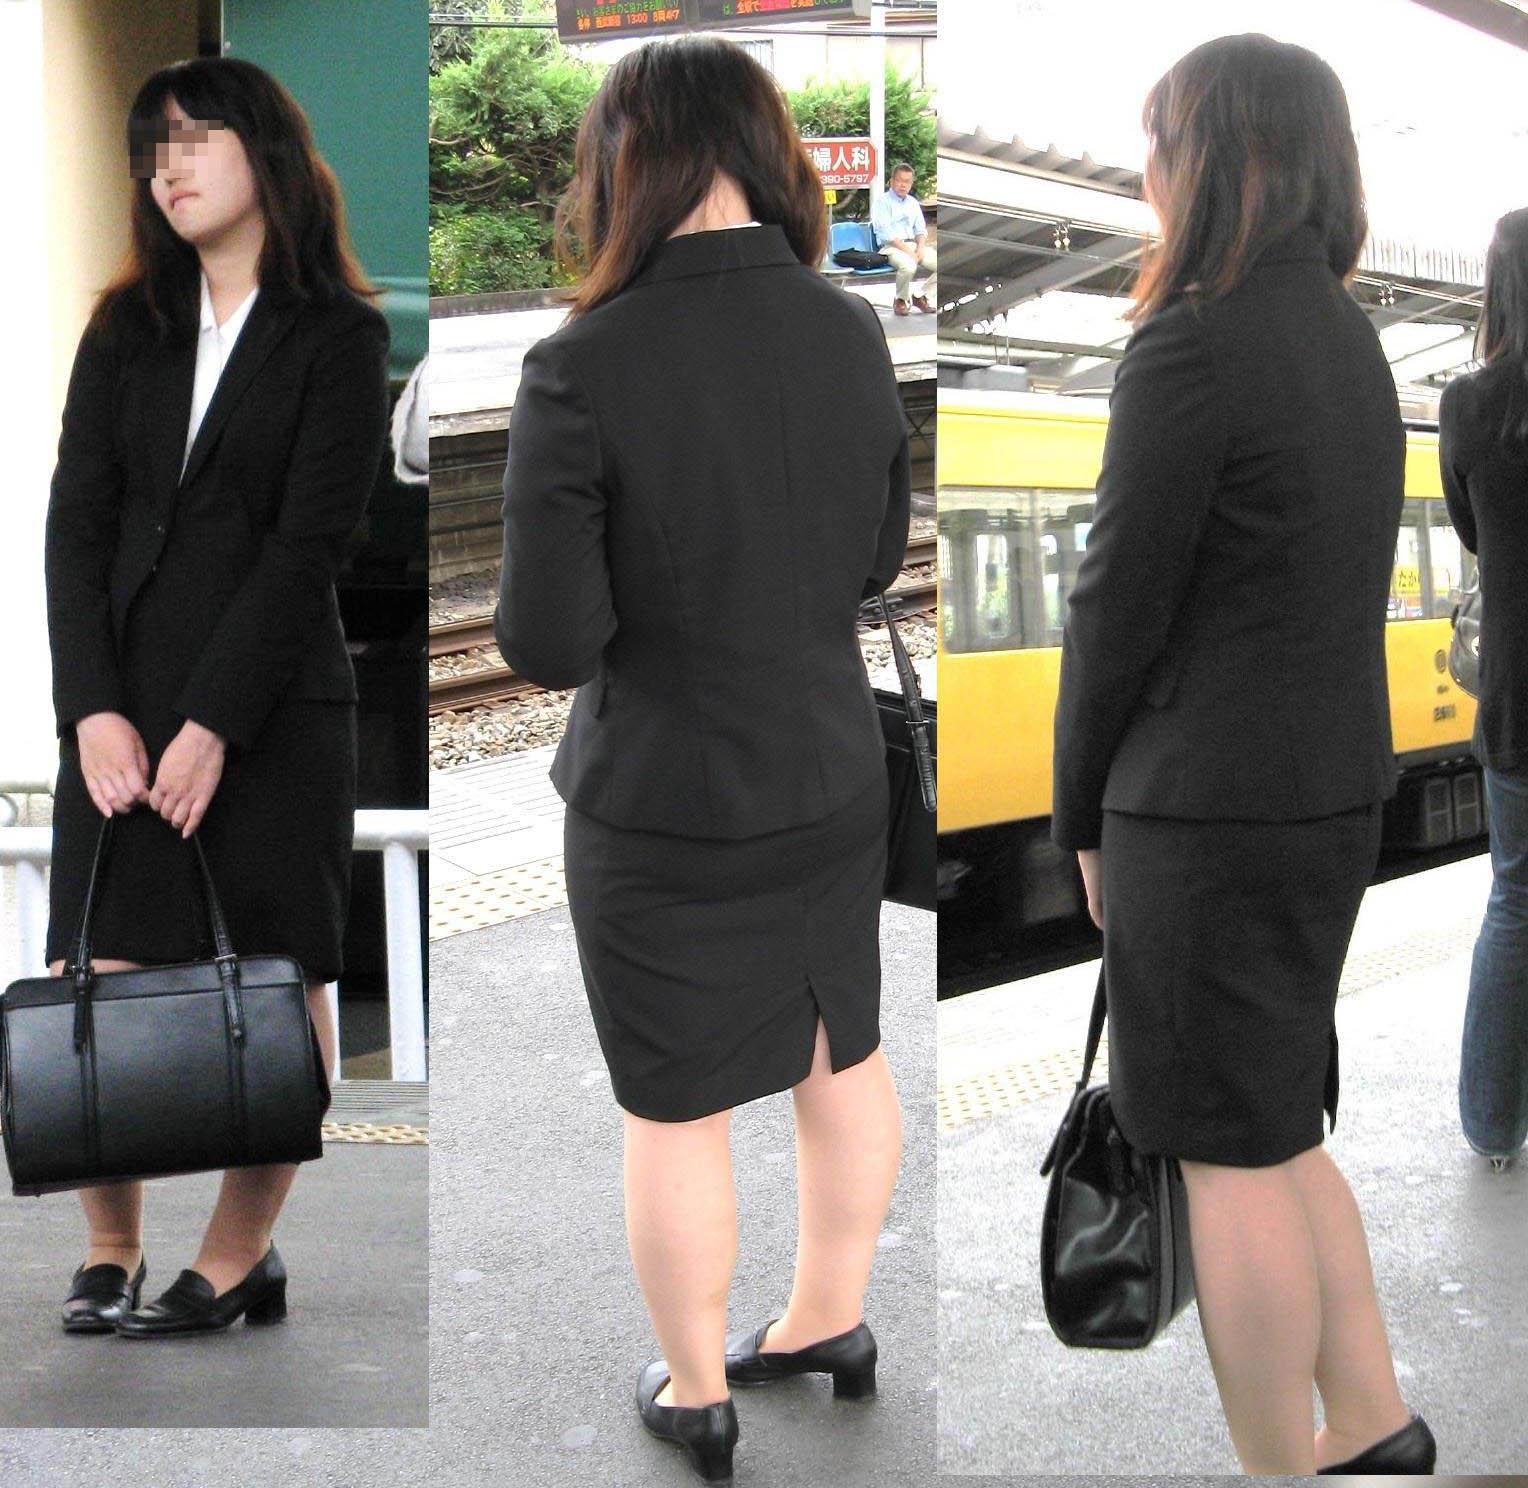 【街撮りリクスーエロ画像】膝下とタイトだけでも十分満たされるwww就活中のリクスー女子たち 12